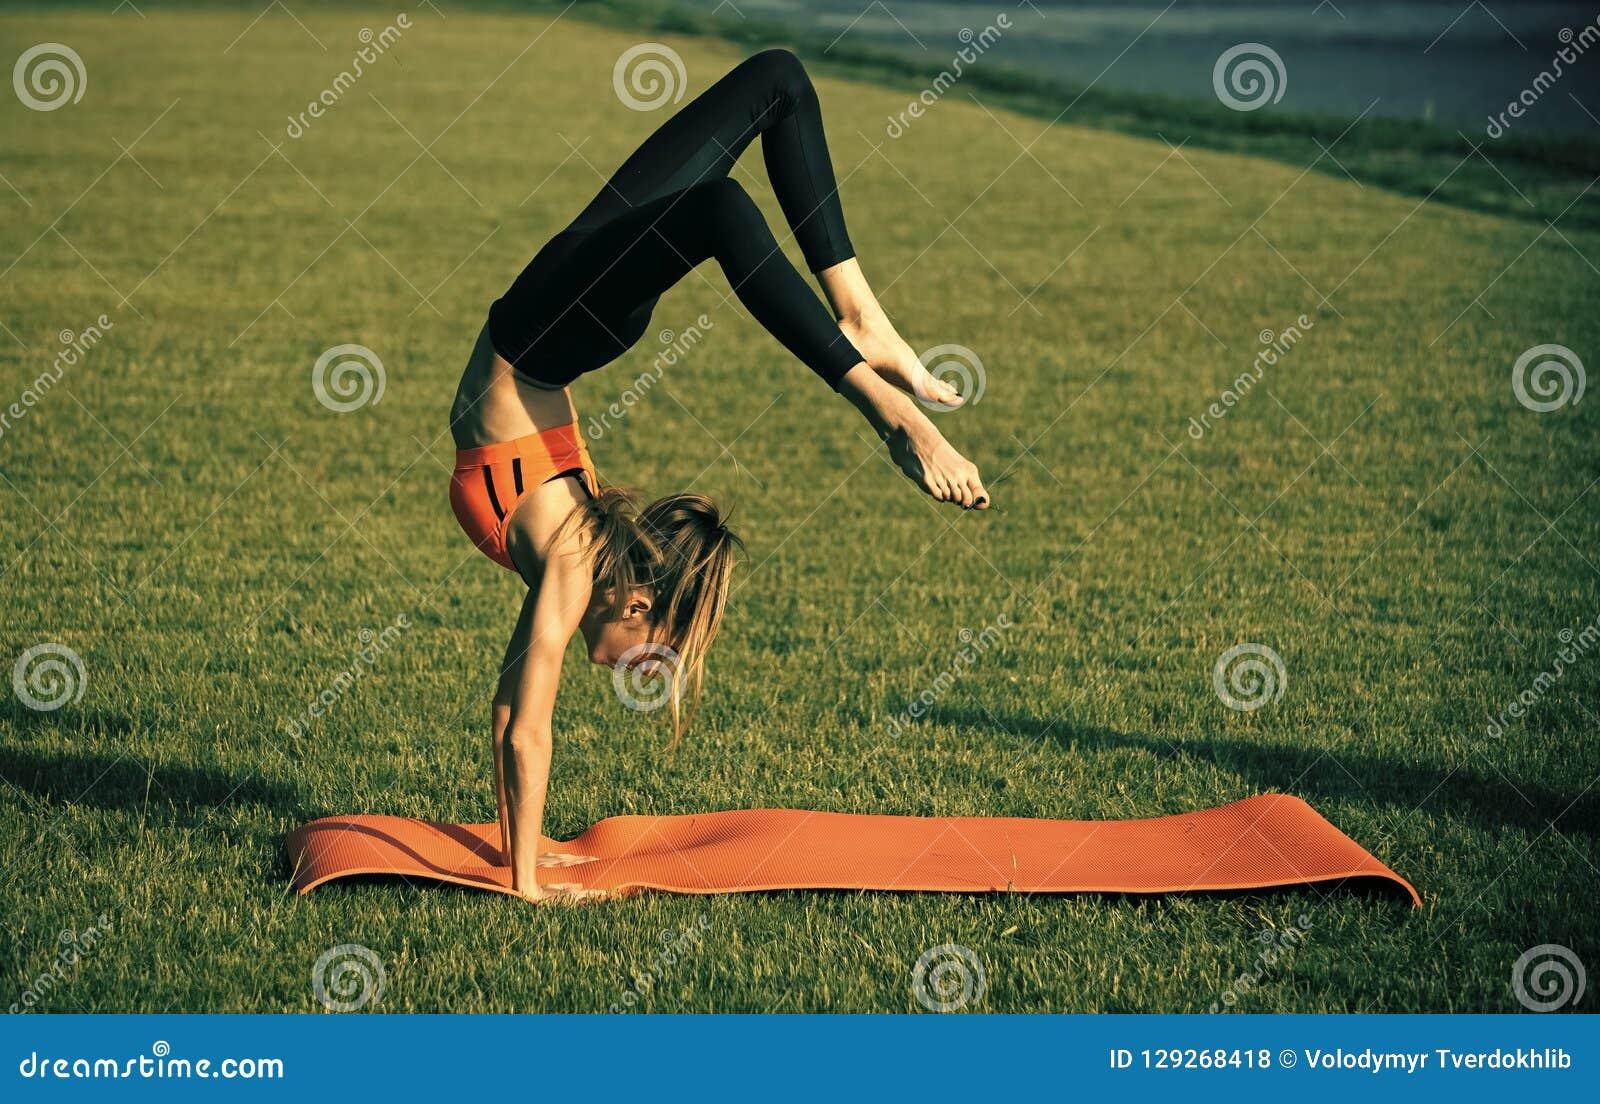 Activity, energy, energetic